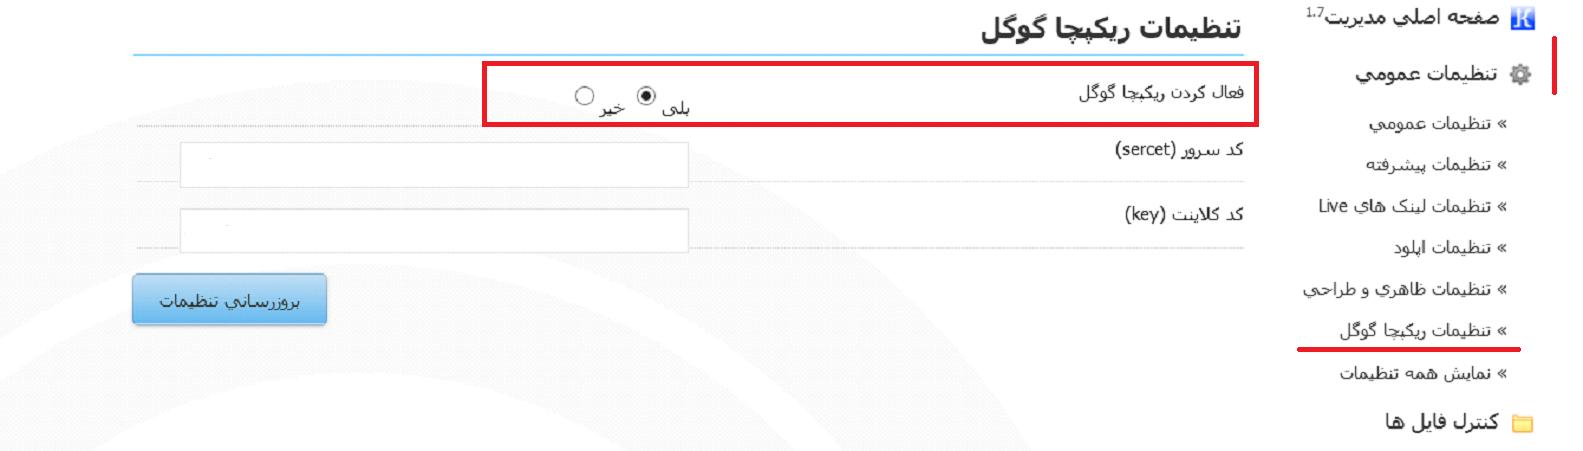 تنظیمات ریکپچا گوگل